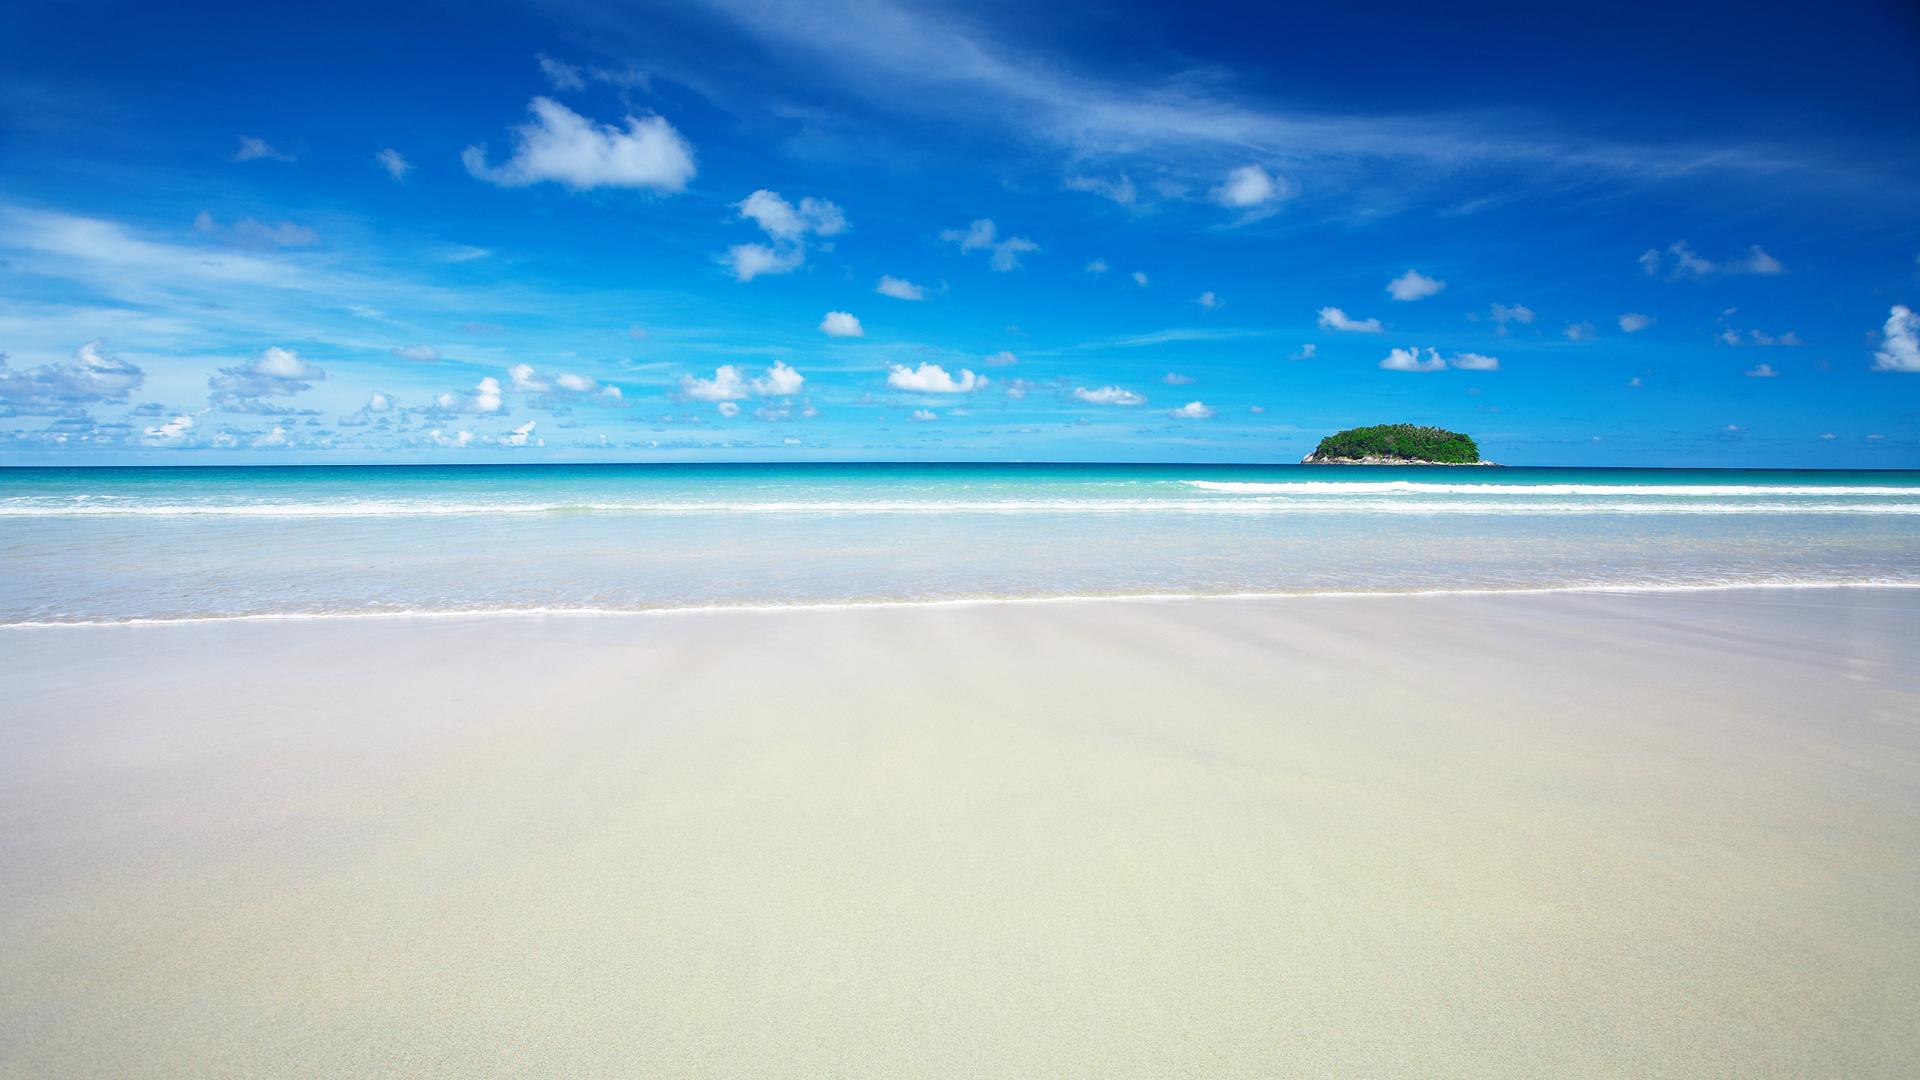 Paesaggi Categoria Mare Spiagge Foto Mare Programmi